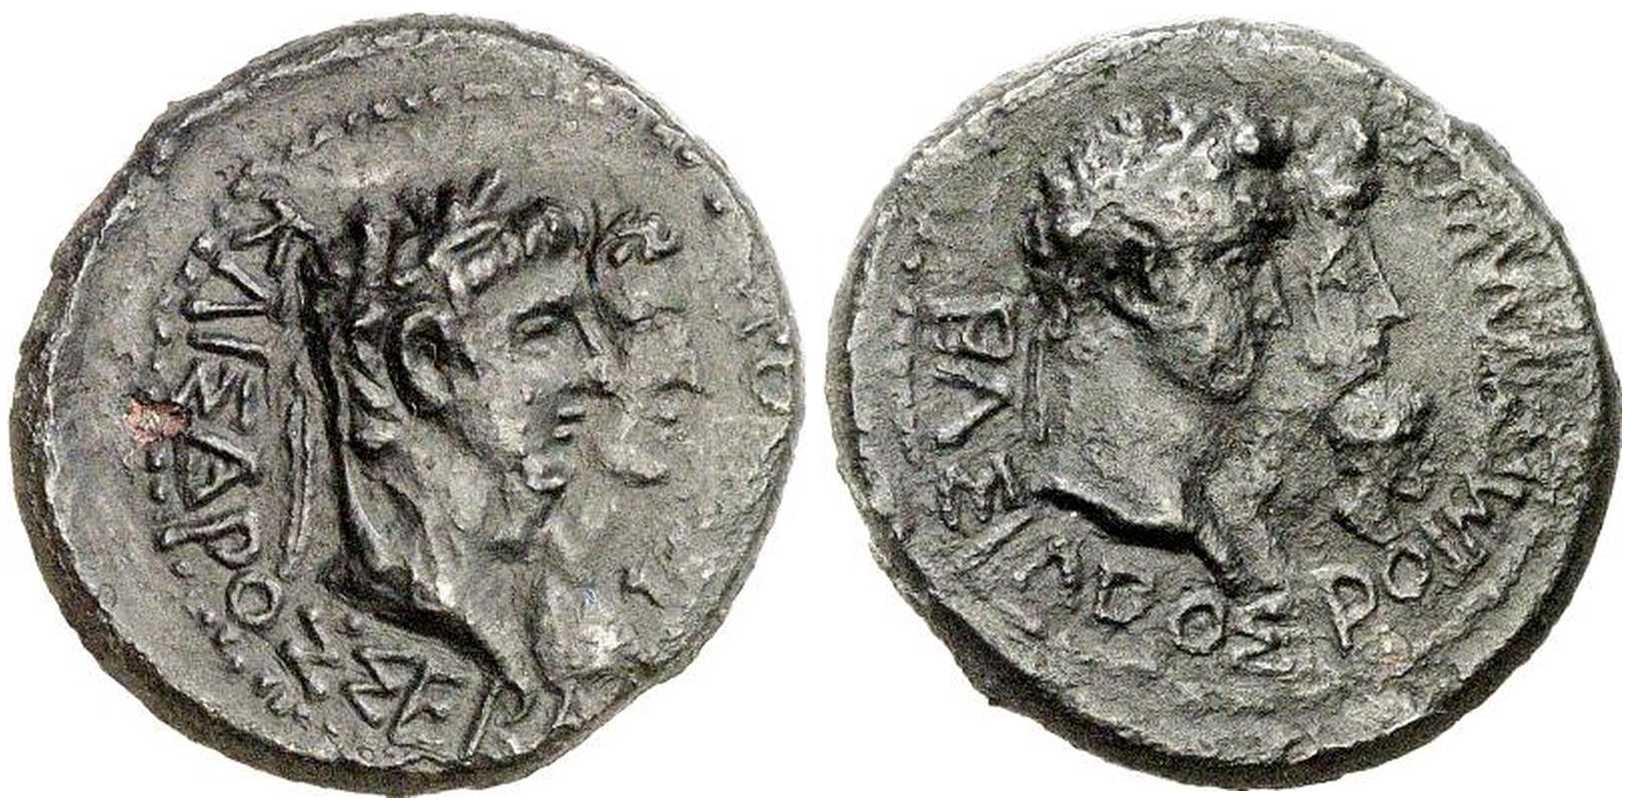 3301 Rhoemetalkes I Rex Thraciae AE